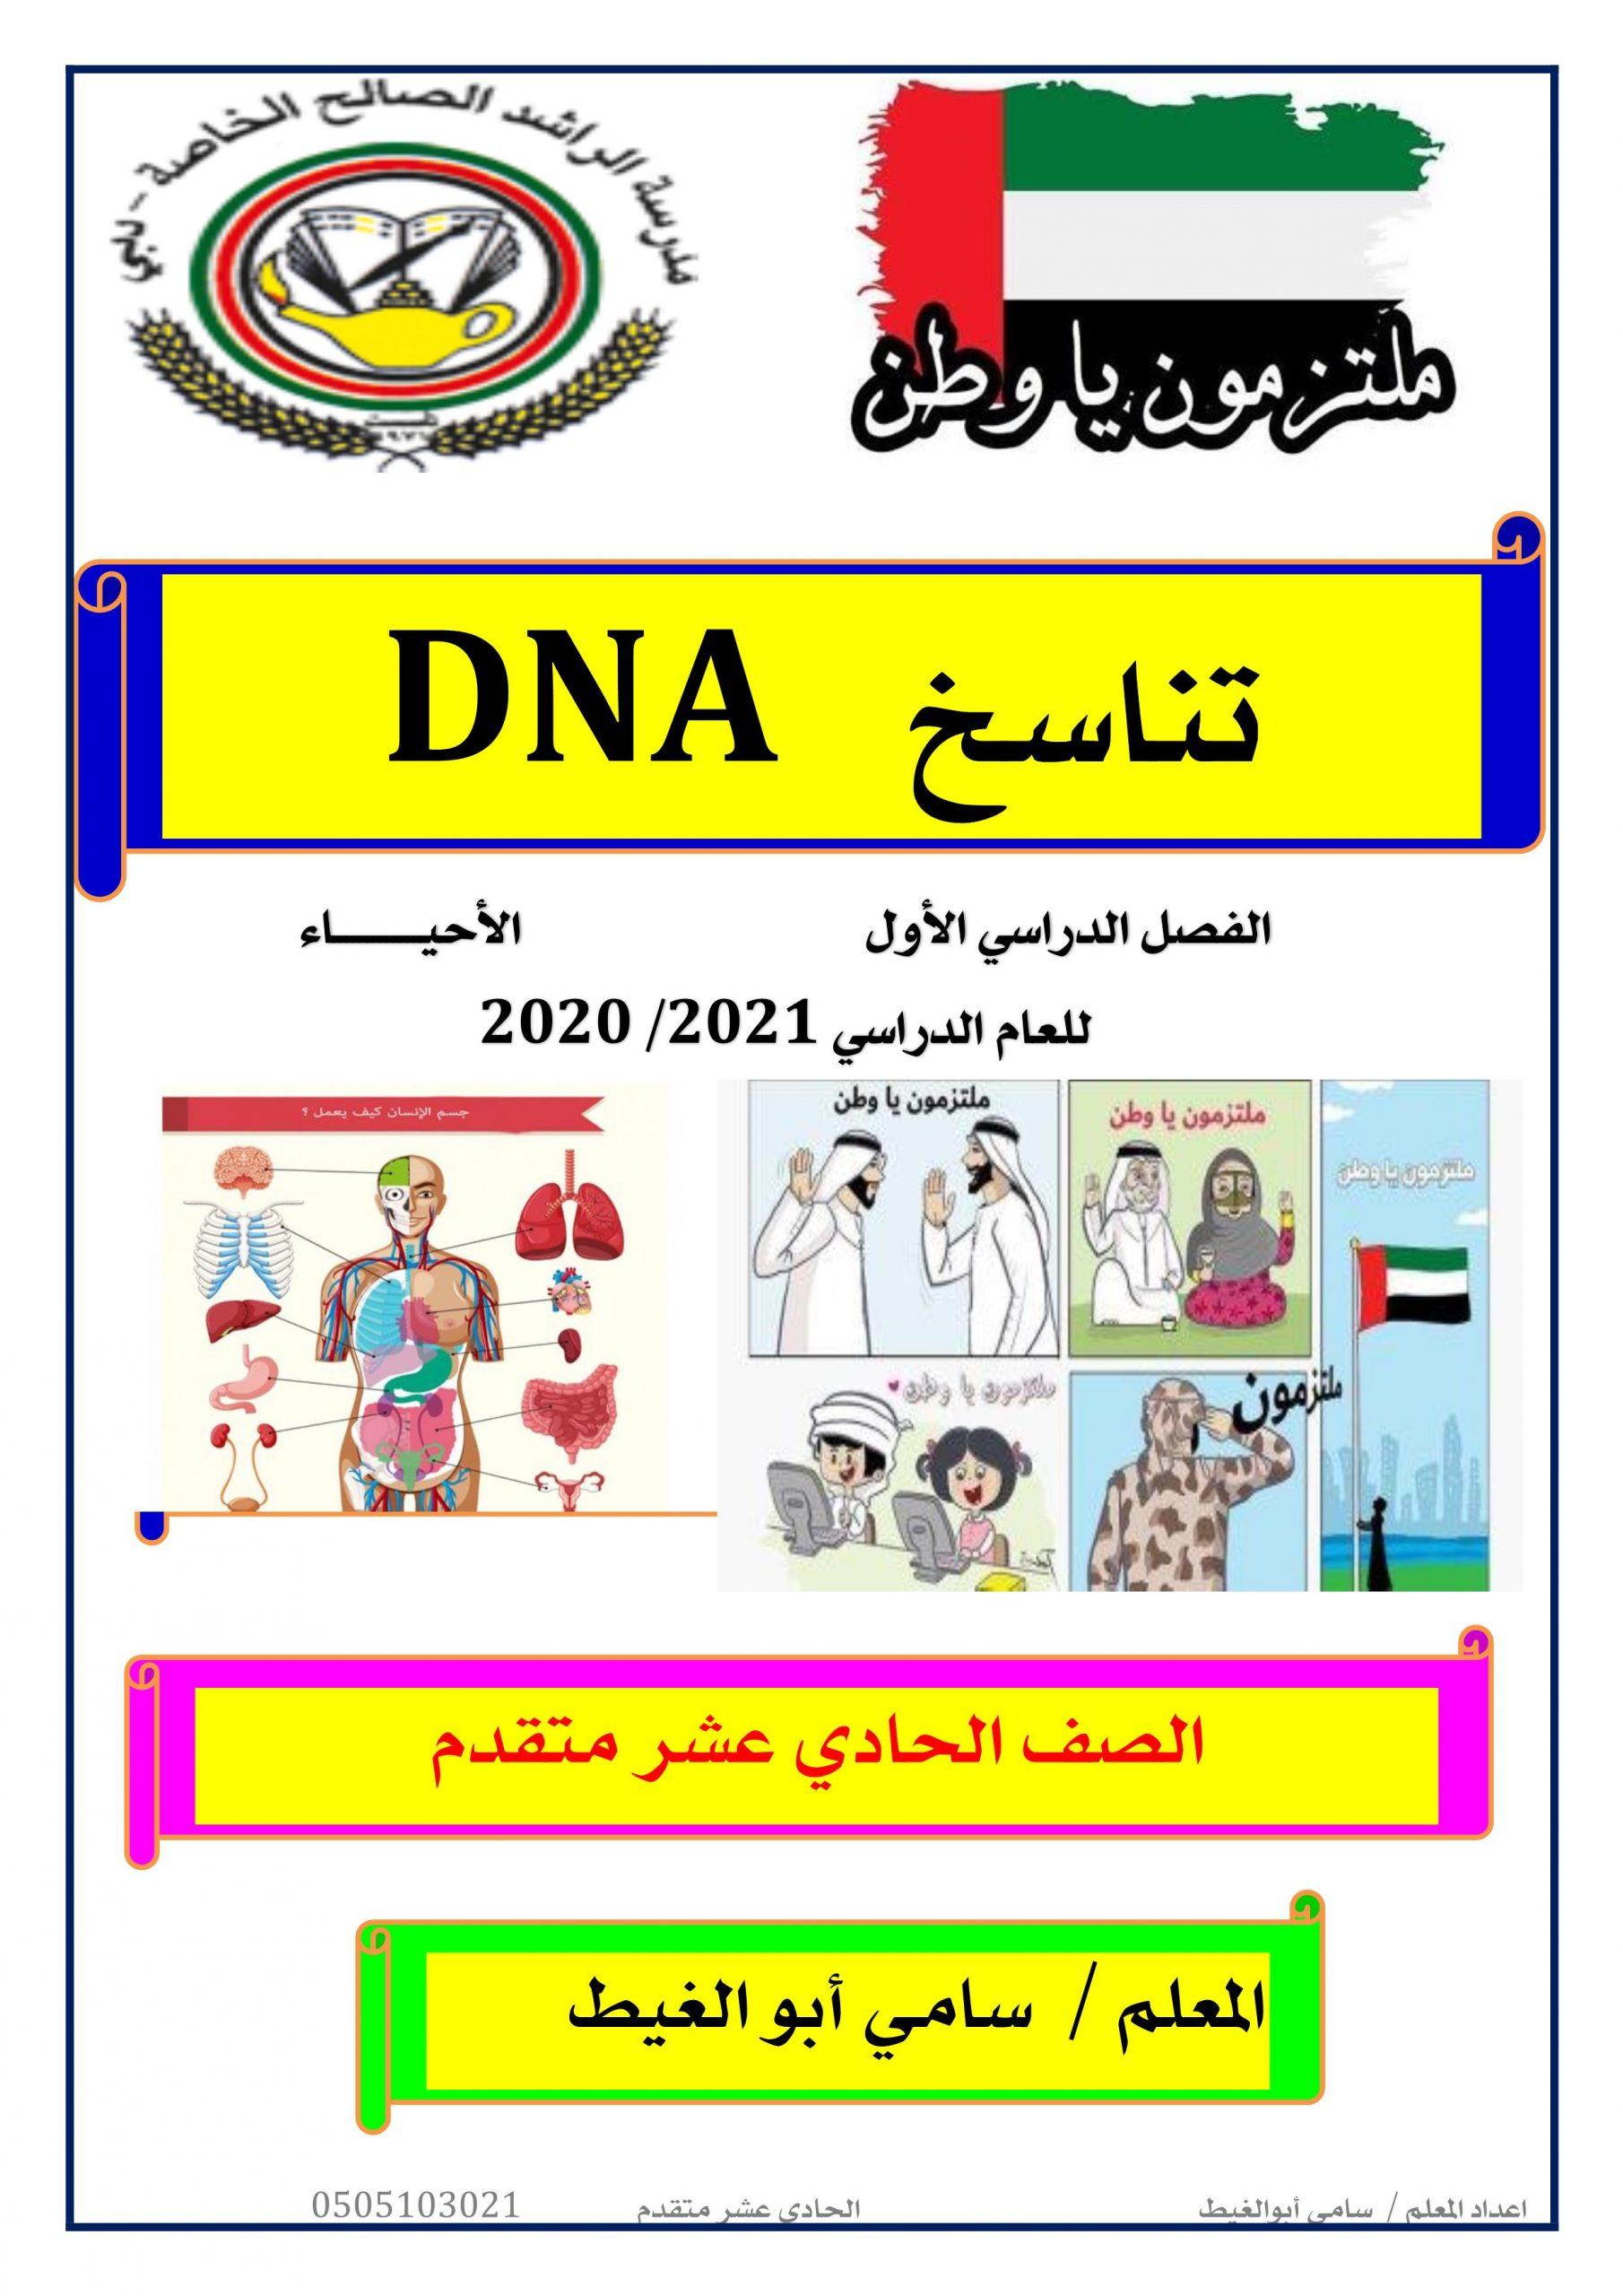 ملخص تناسخ DNA الصف الحادي عشر متقدم مادة الاحياء